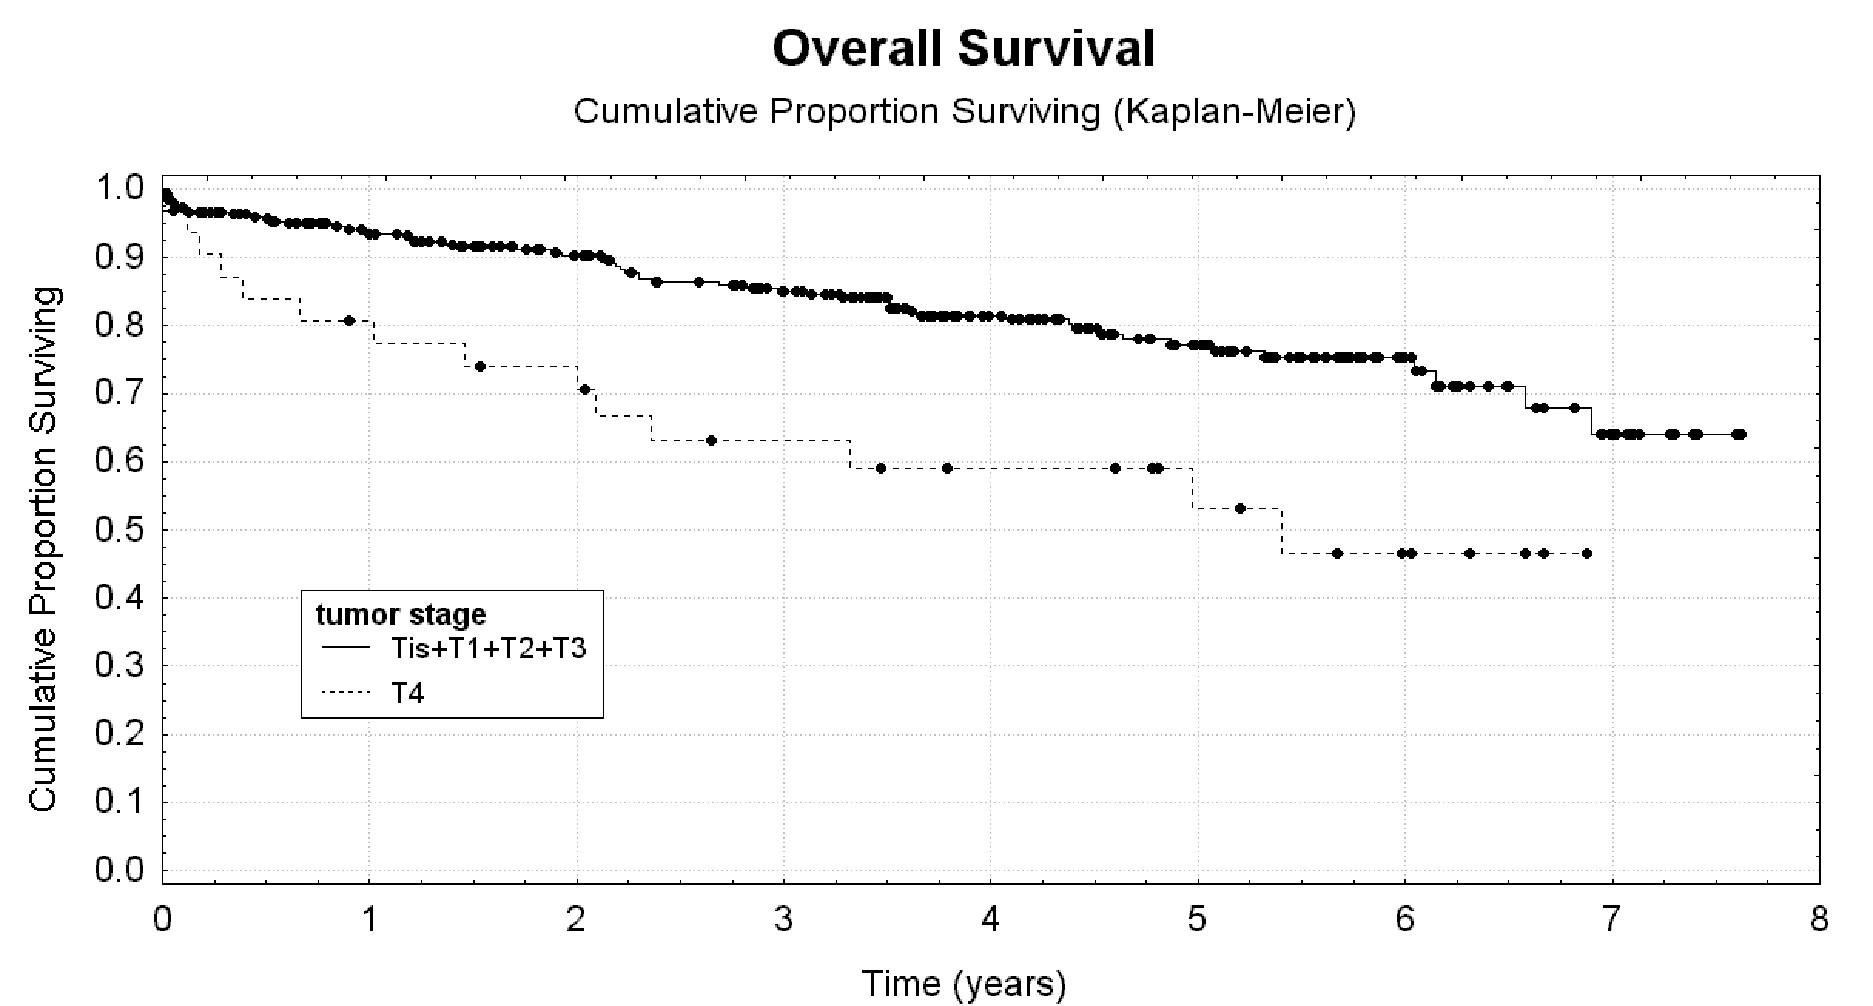 Lokální pokročilost nádoru jako rizikový faktor krátkého celkového přežití nemocných Graph 2: Localmalignancy stage as a risk factor for short overal survival